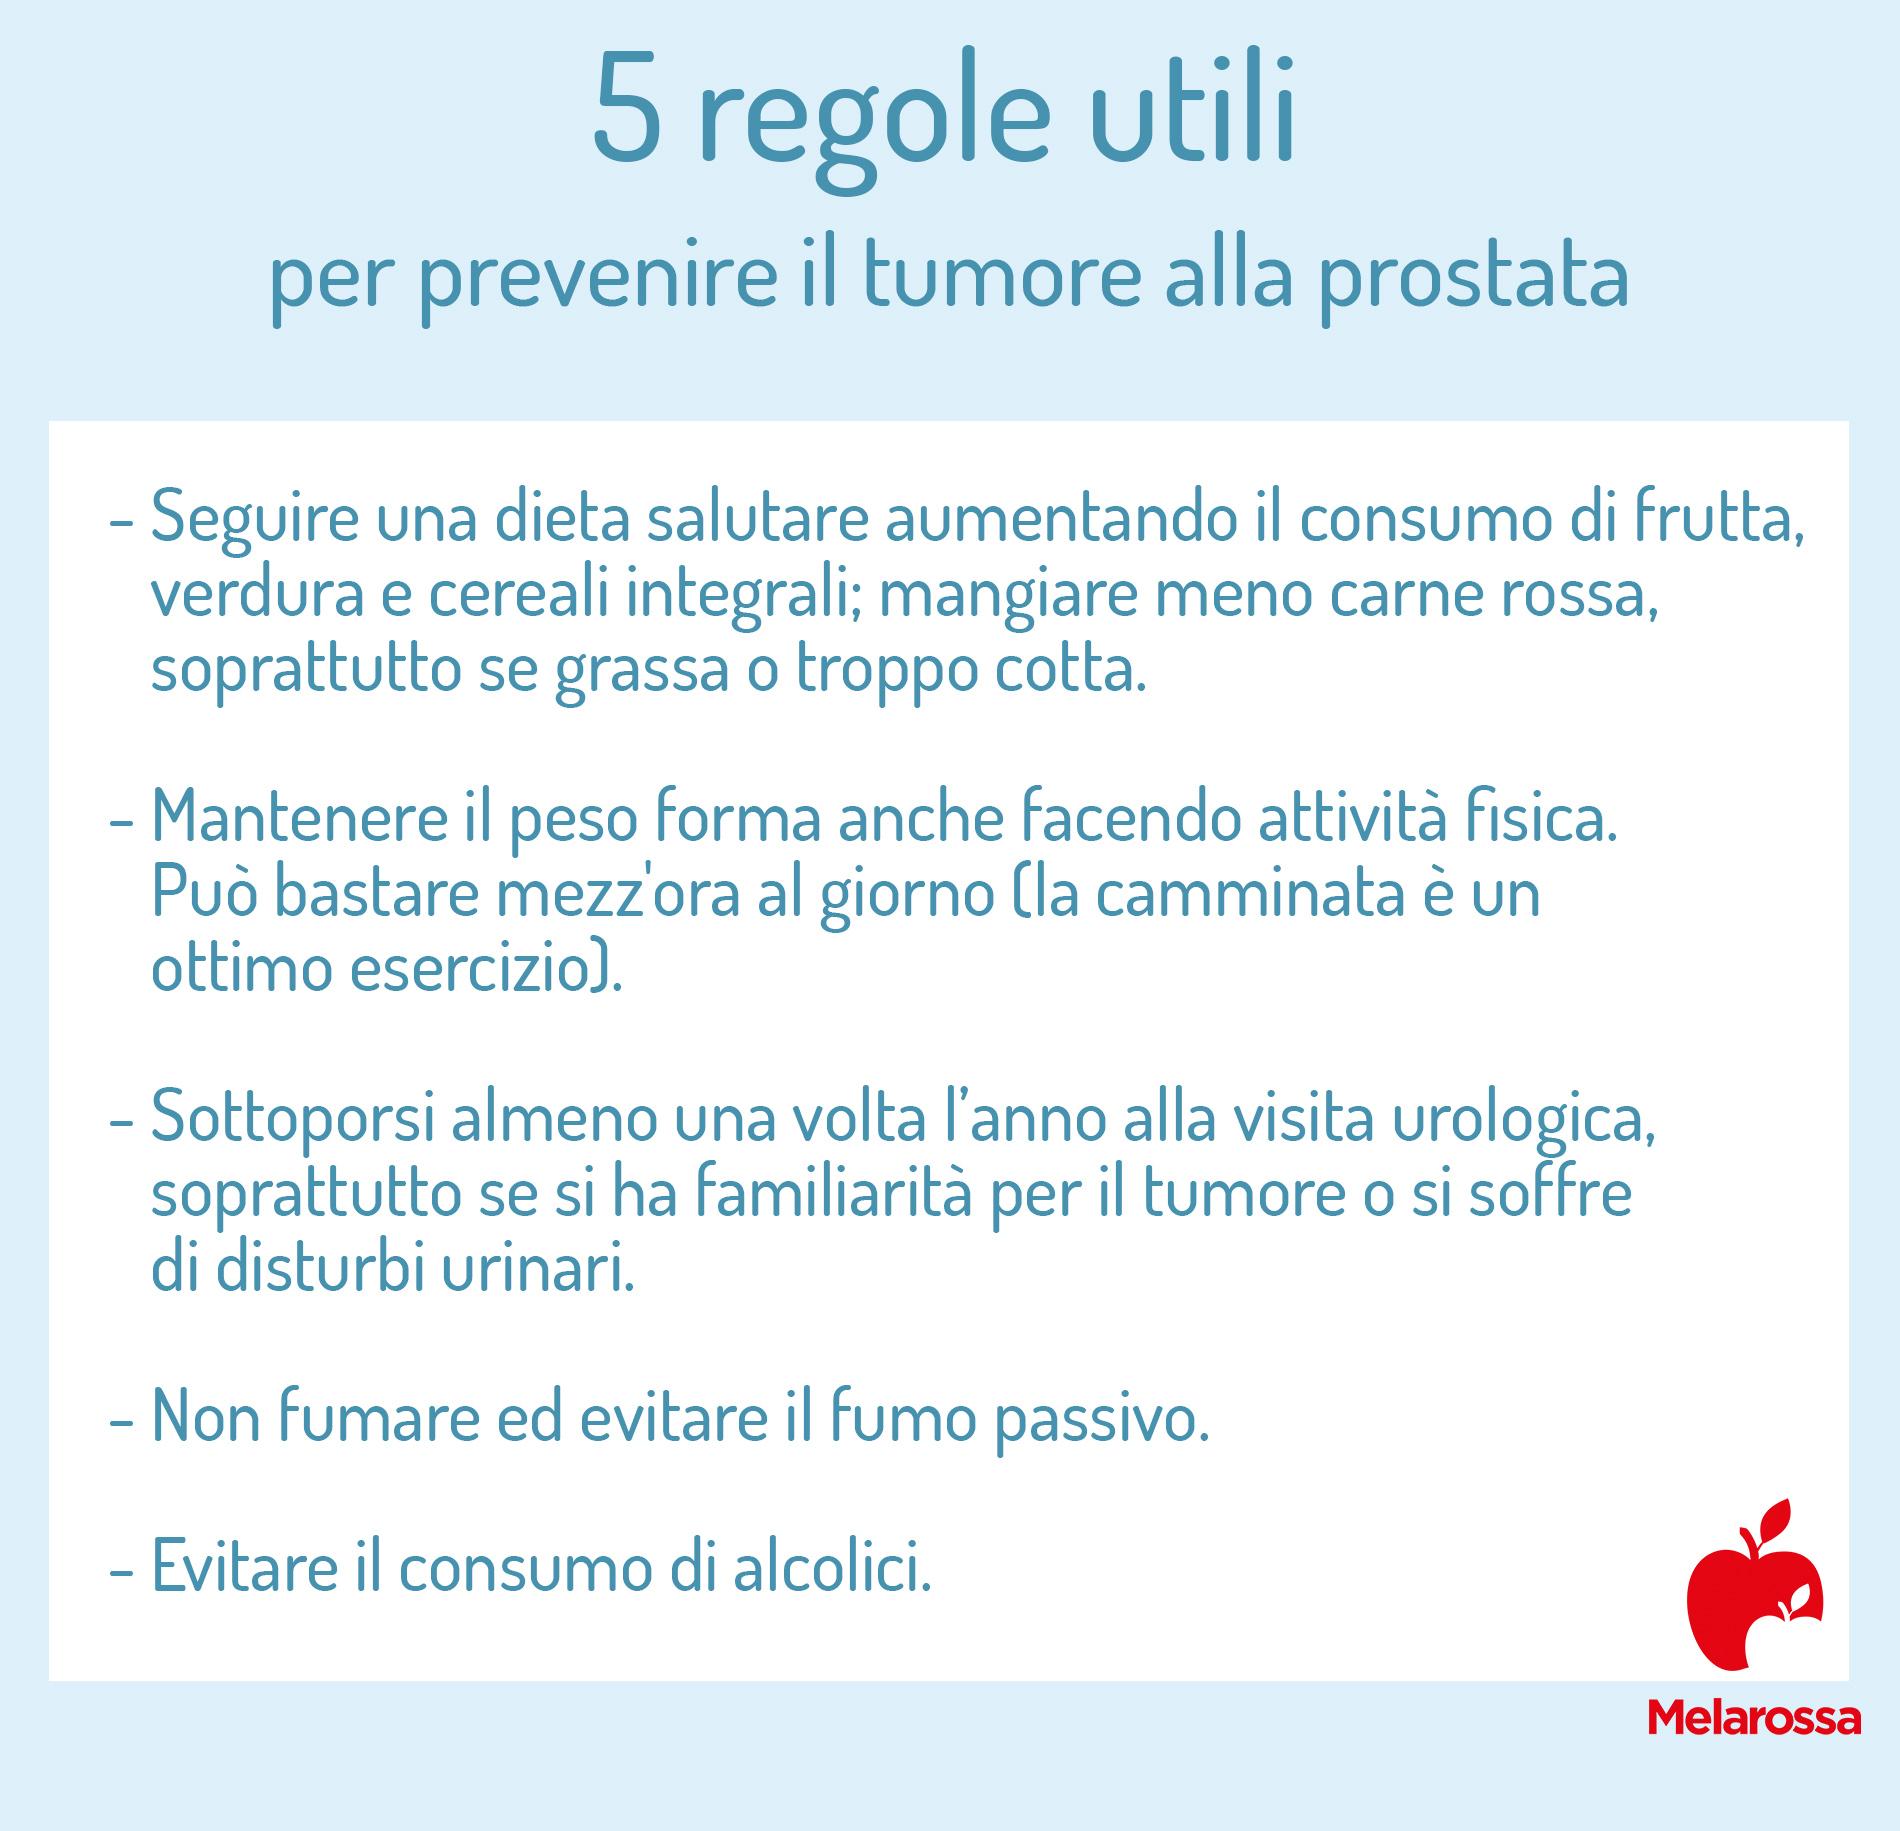 tumore alla prostata: prevenzione